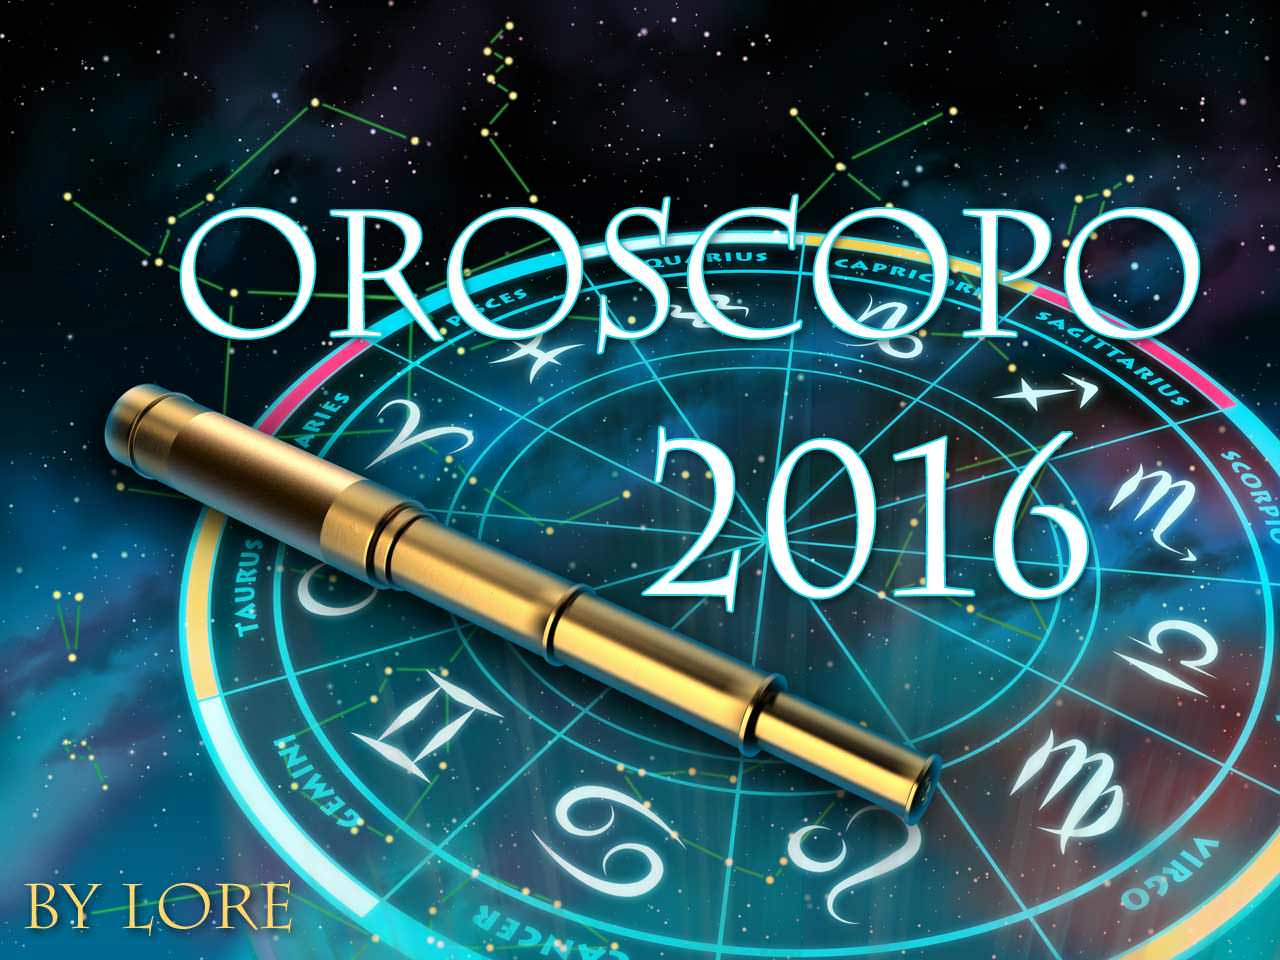 oroscopo 2016, le previsioni 2016 di lore